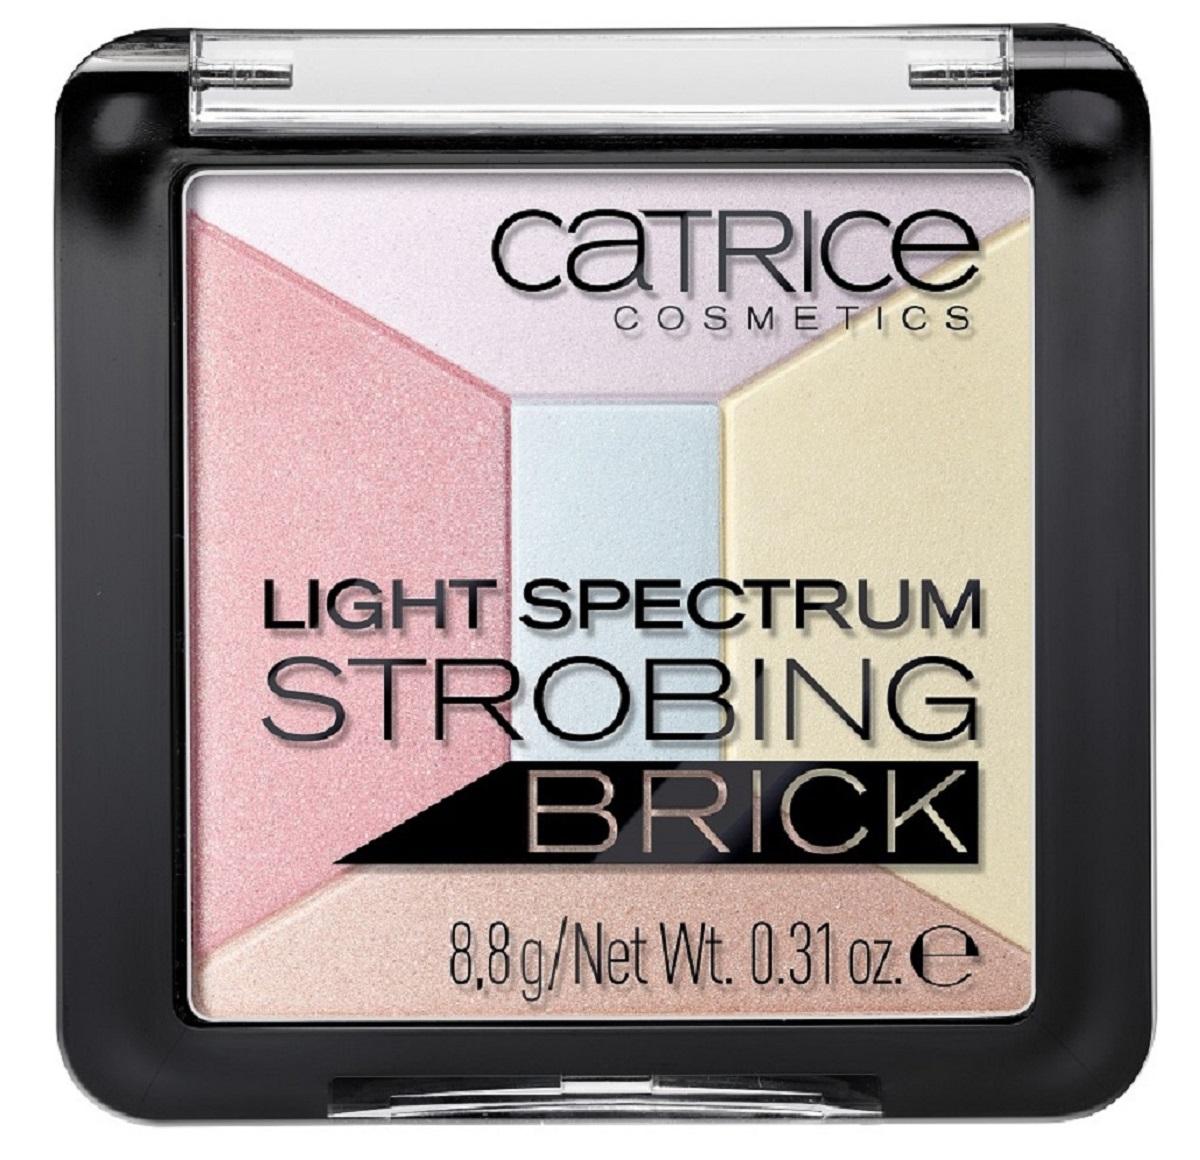 CatriceХайлайтер мультицветный 5 в 1 Light Spectrum Strobing Brick 30 Candy Cotton, цвет: разноцветный isadora палетка хайлайтеров face sculptor strobing 20 18гр